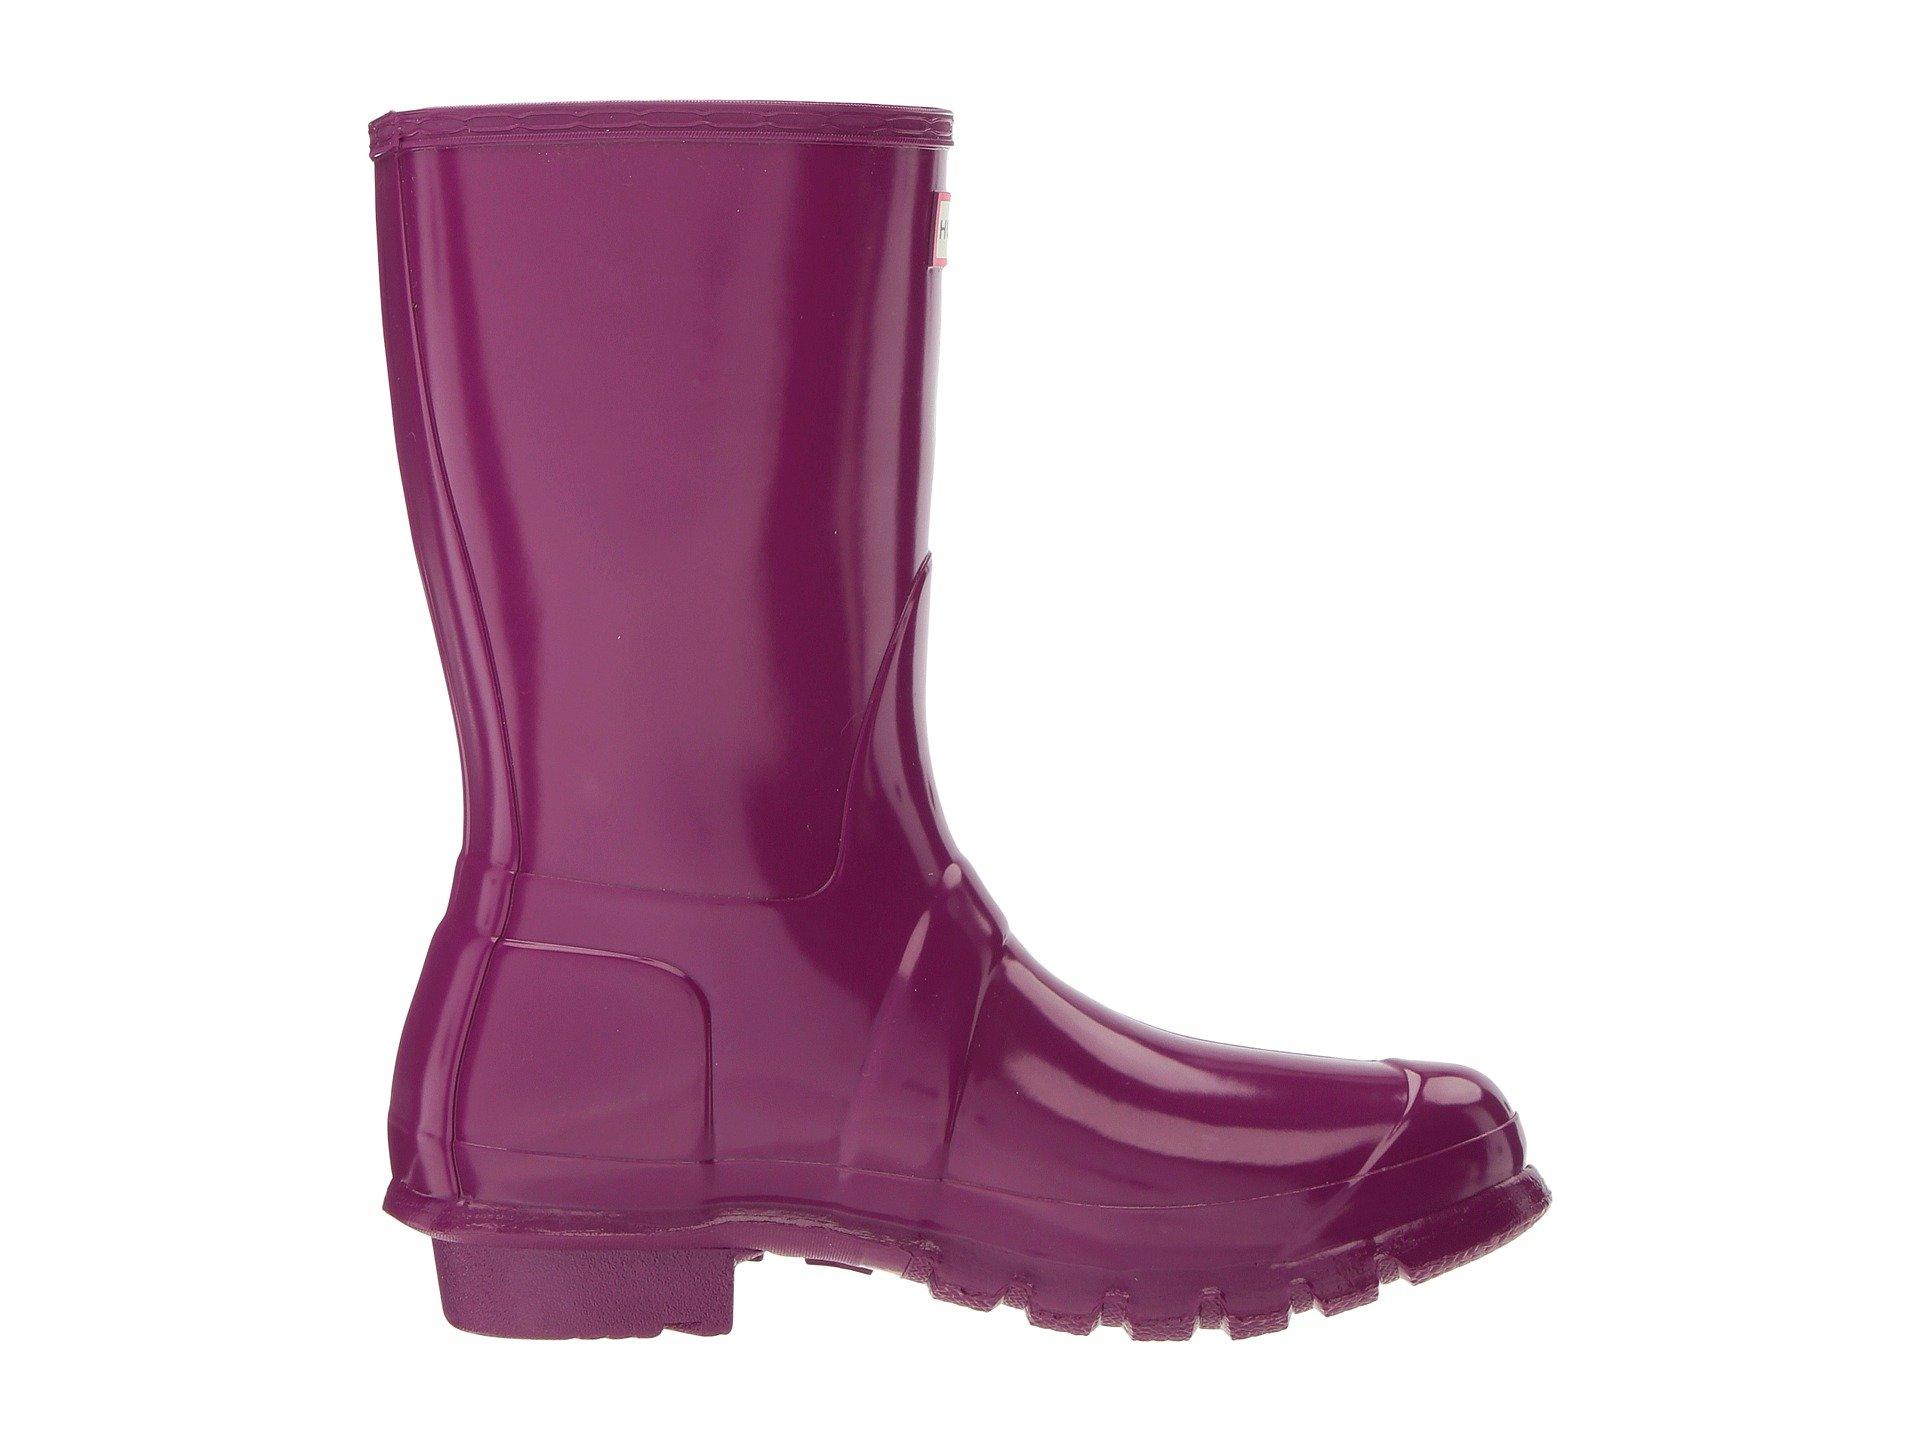 Boots Gloss Hunter Original Rain Violet Short Fgcqyf0vIw